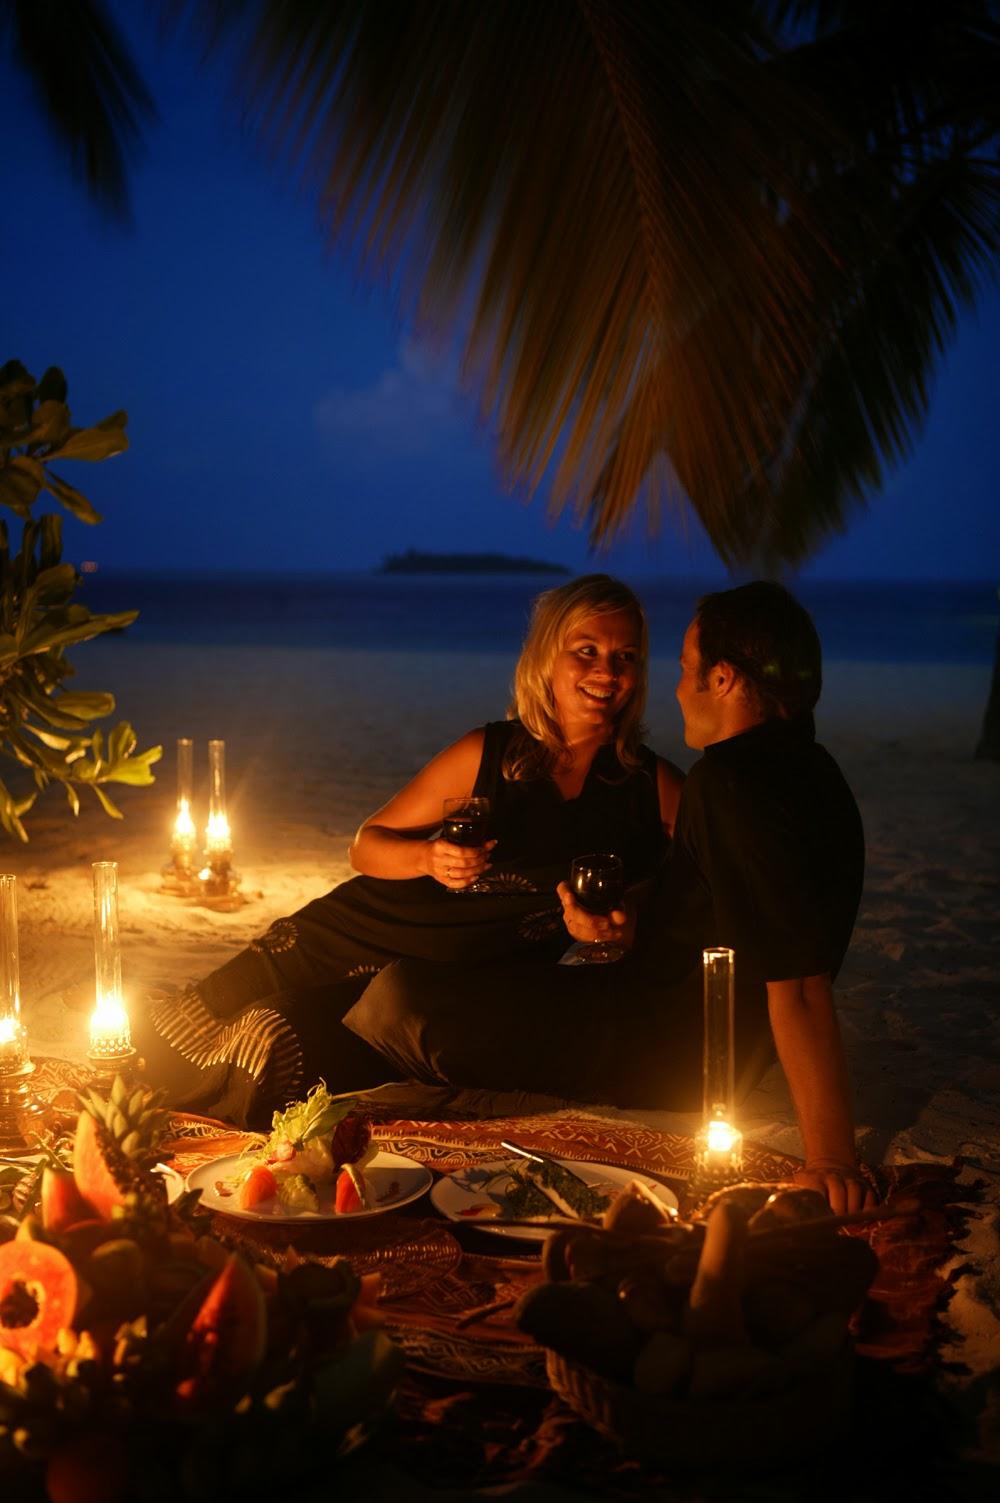 بالصور اجمل الصور الرومانسية للعشاق فيس بوك , روائع الحب تجدها هنا 6493 6